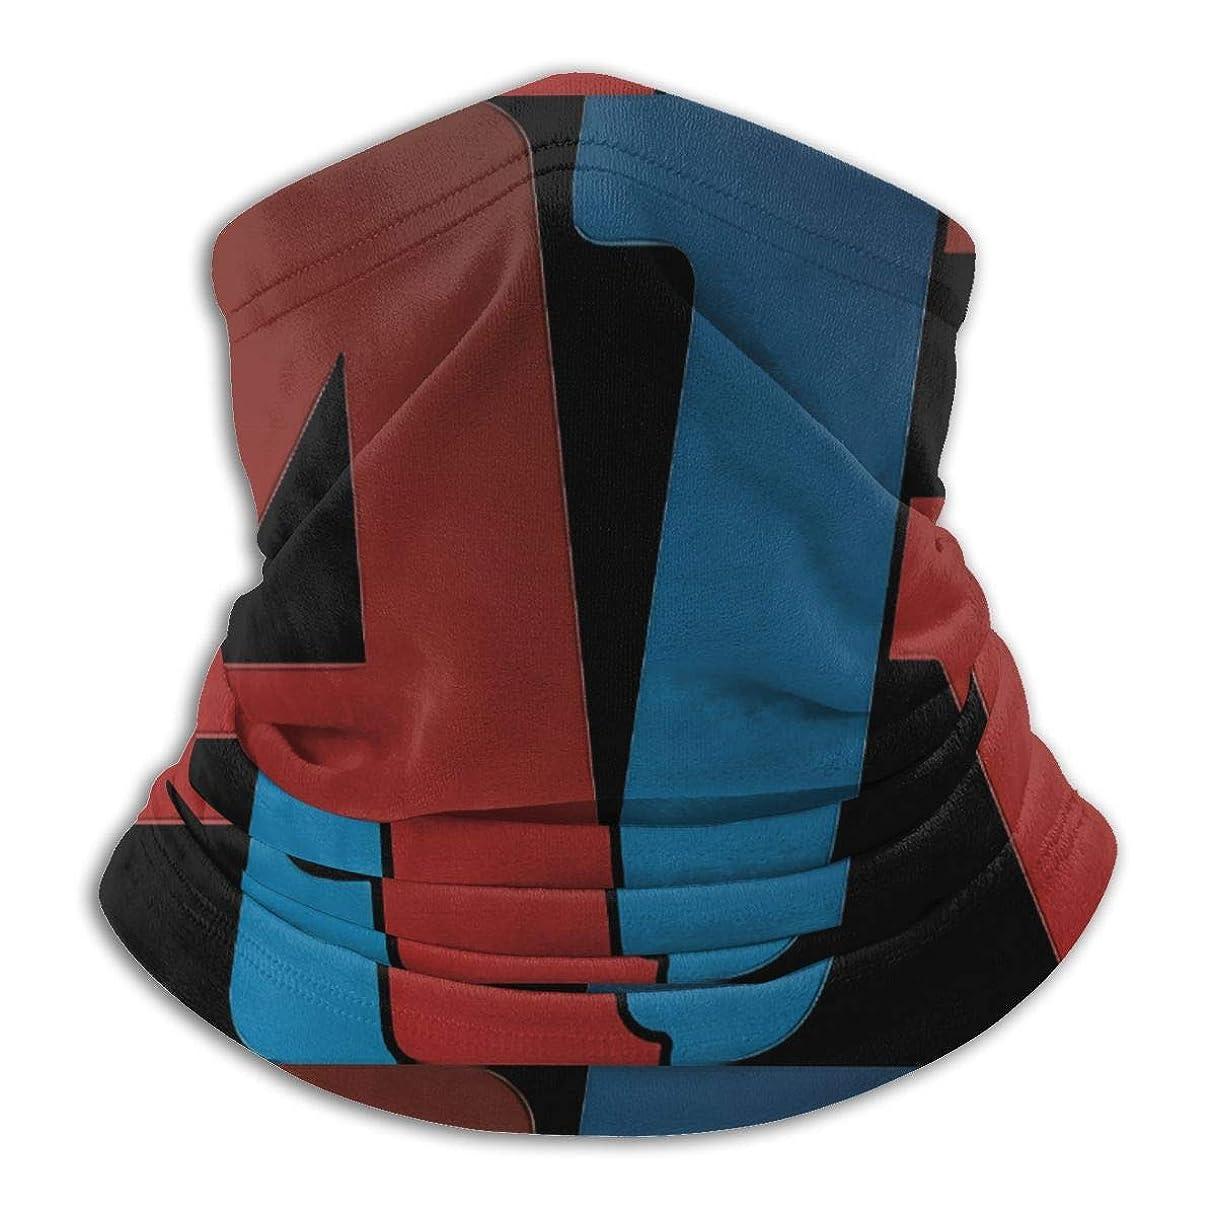 困惑厳接地AJR ネックガード フェイスカバー UVカット バンダナ 冷感 夏 紫外線対策 吸汗速乾 日よけ サイクリングカバー 男女兼用